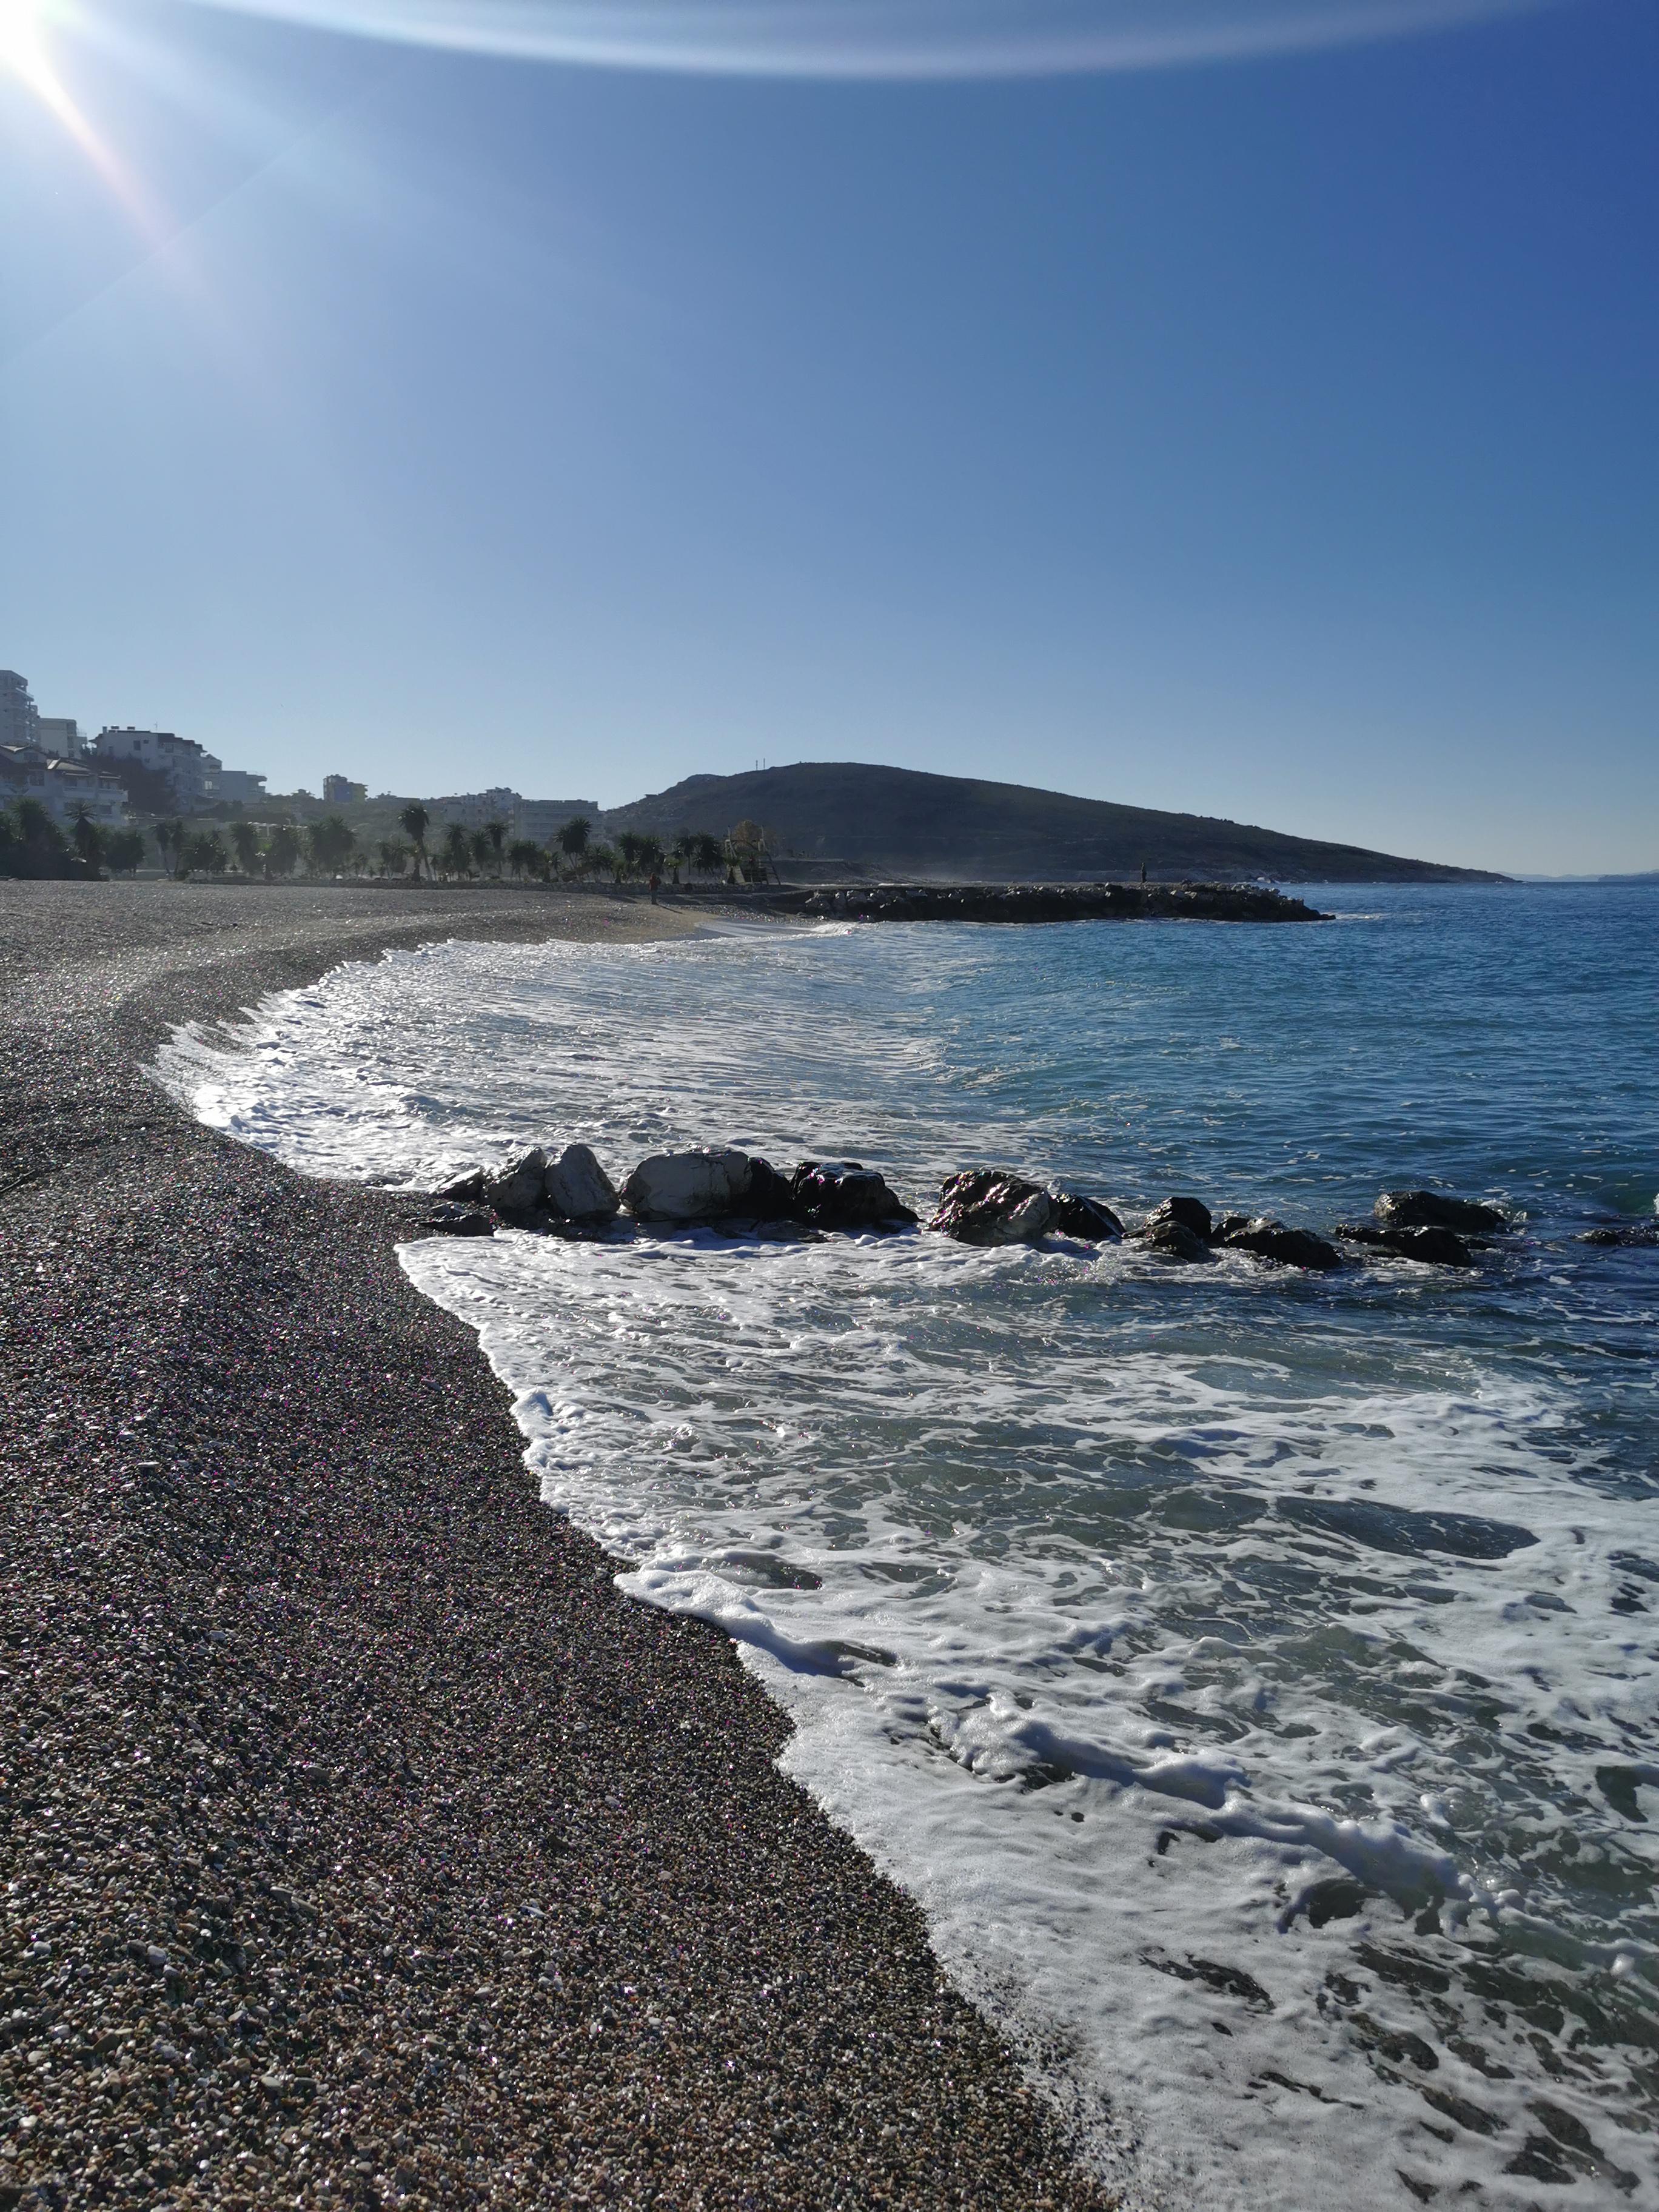 Letovanje Albanija hoteli, Saranda, autobus, Hotel Perla,izgled plaže